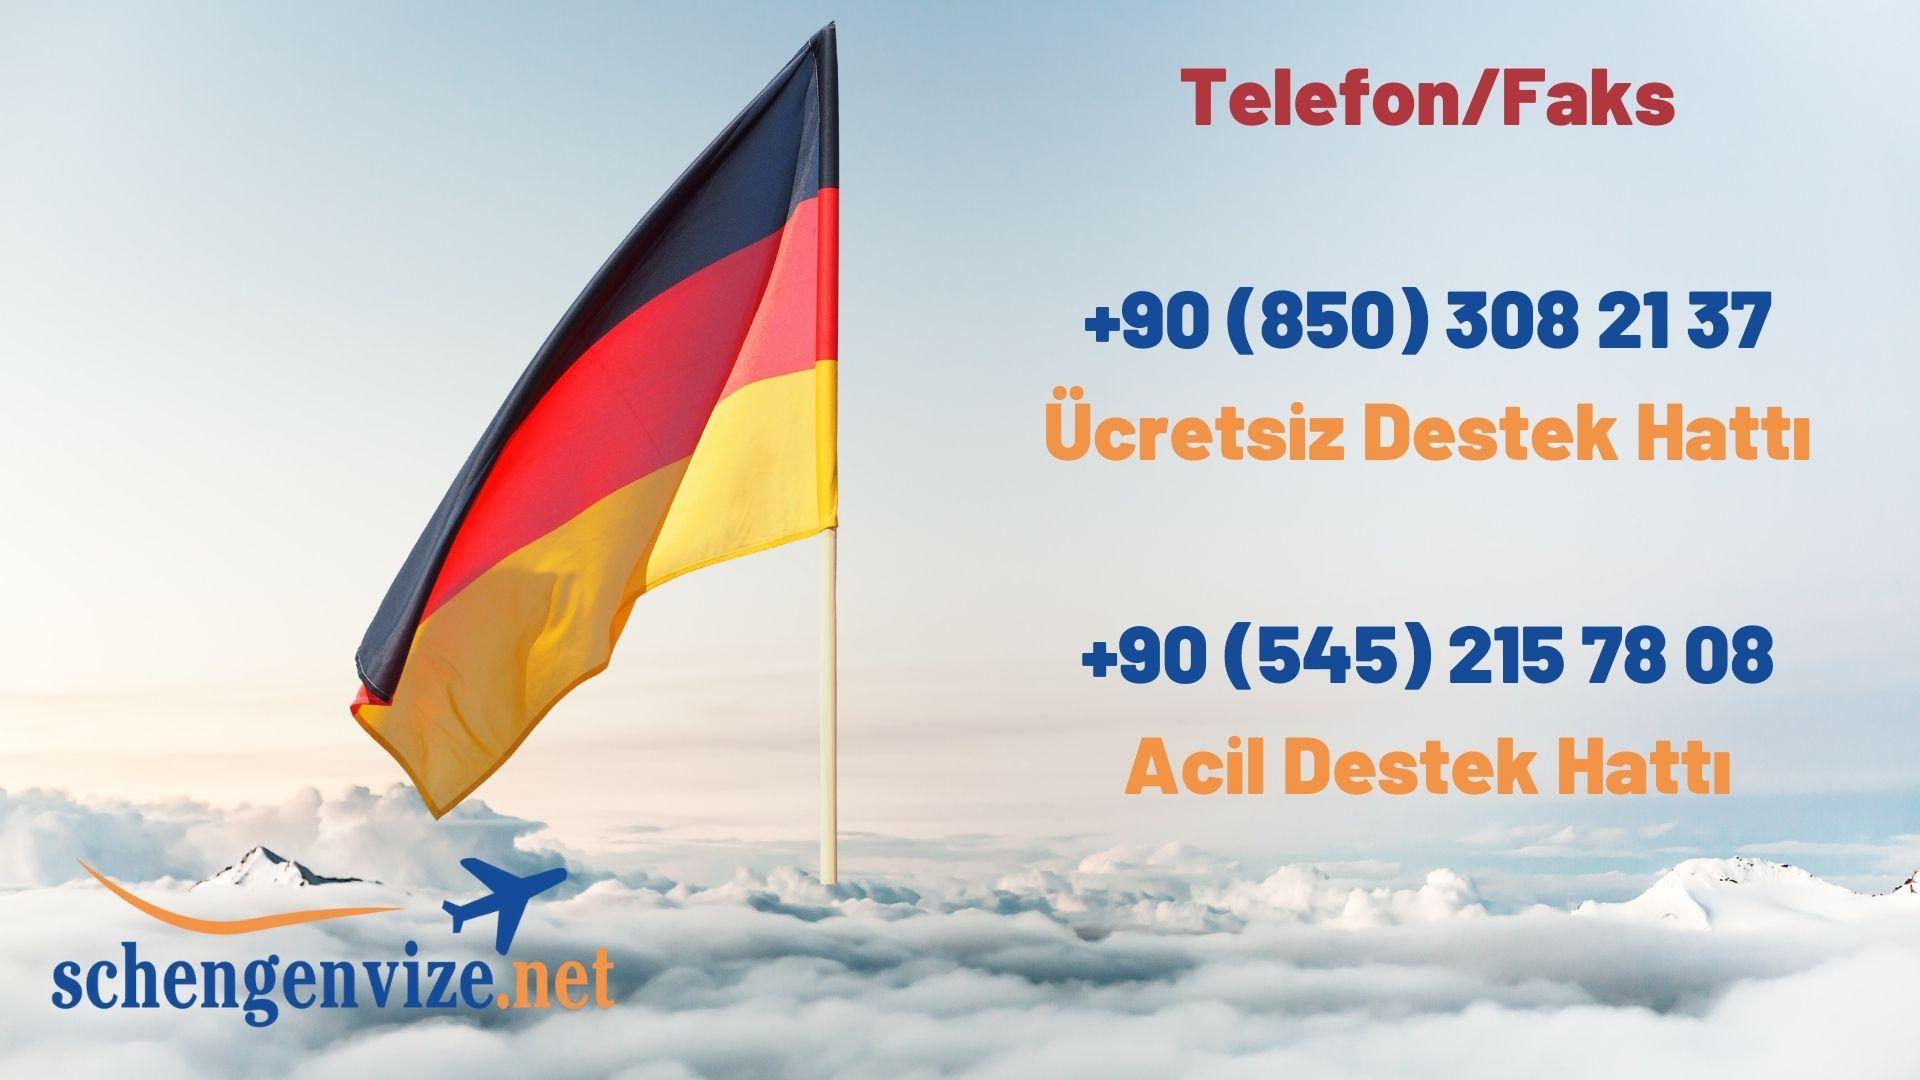 Almanya Yeşil Pasaporta Vize İstiyor Mu? 1 – Almanya Yesil Pasaporta Vize Istiyor Mu